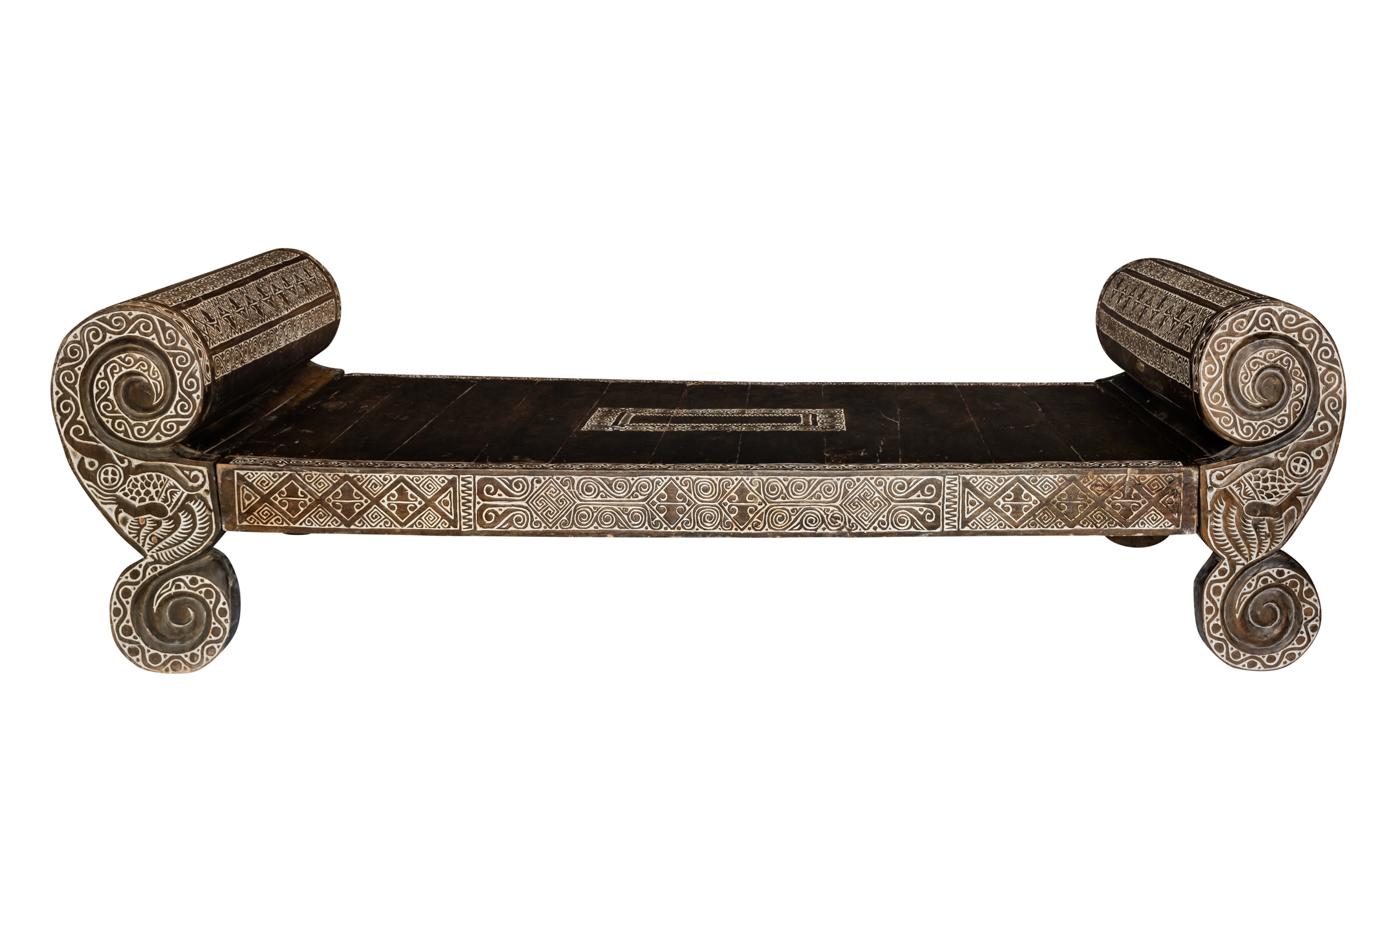 Sofa bed Timor carved 258 Cm